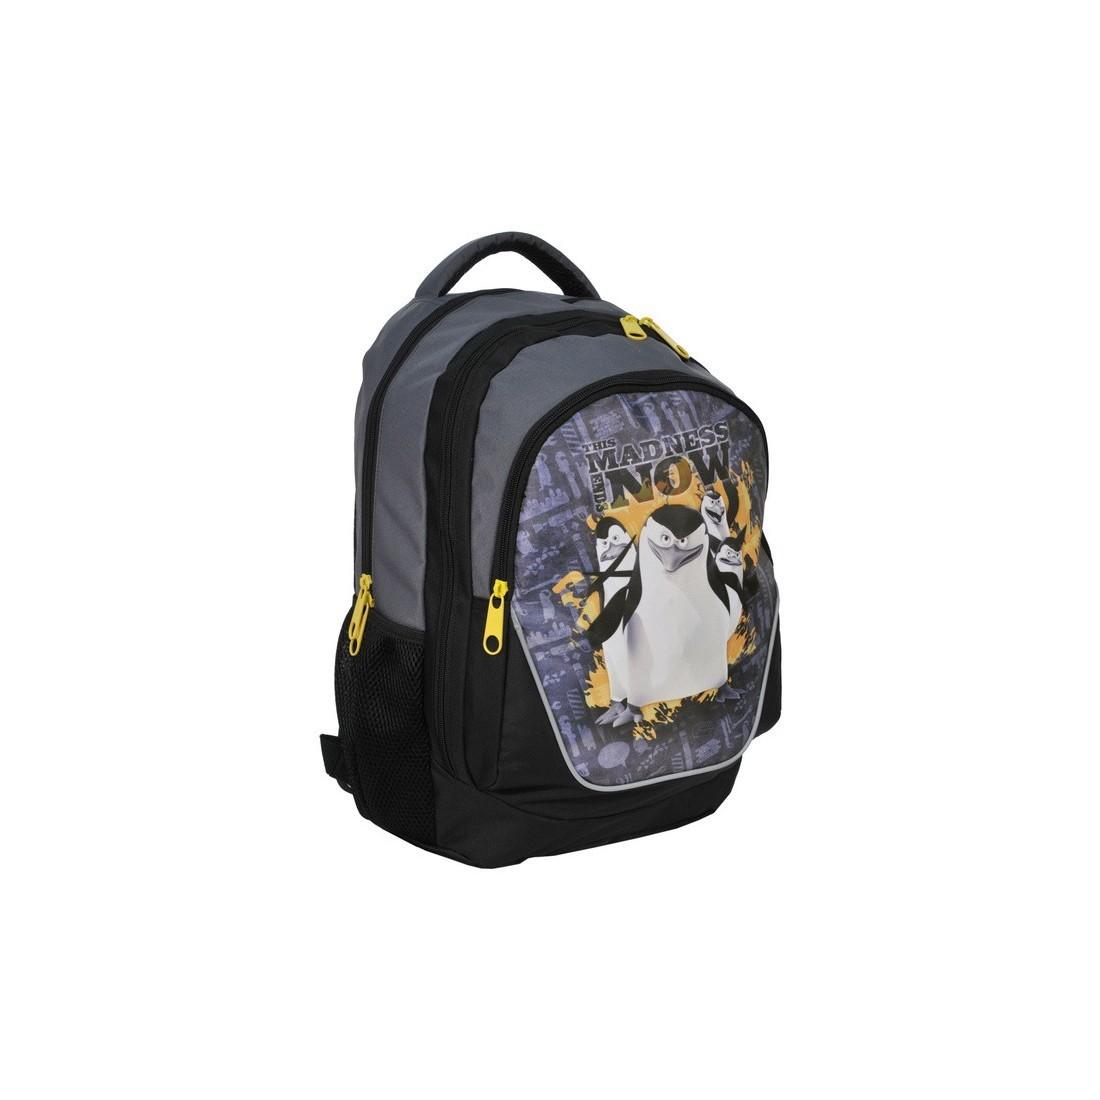 Plecak Pingwiny z Madagaskaru madness - plecak-tornister.pl